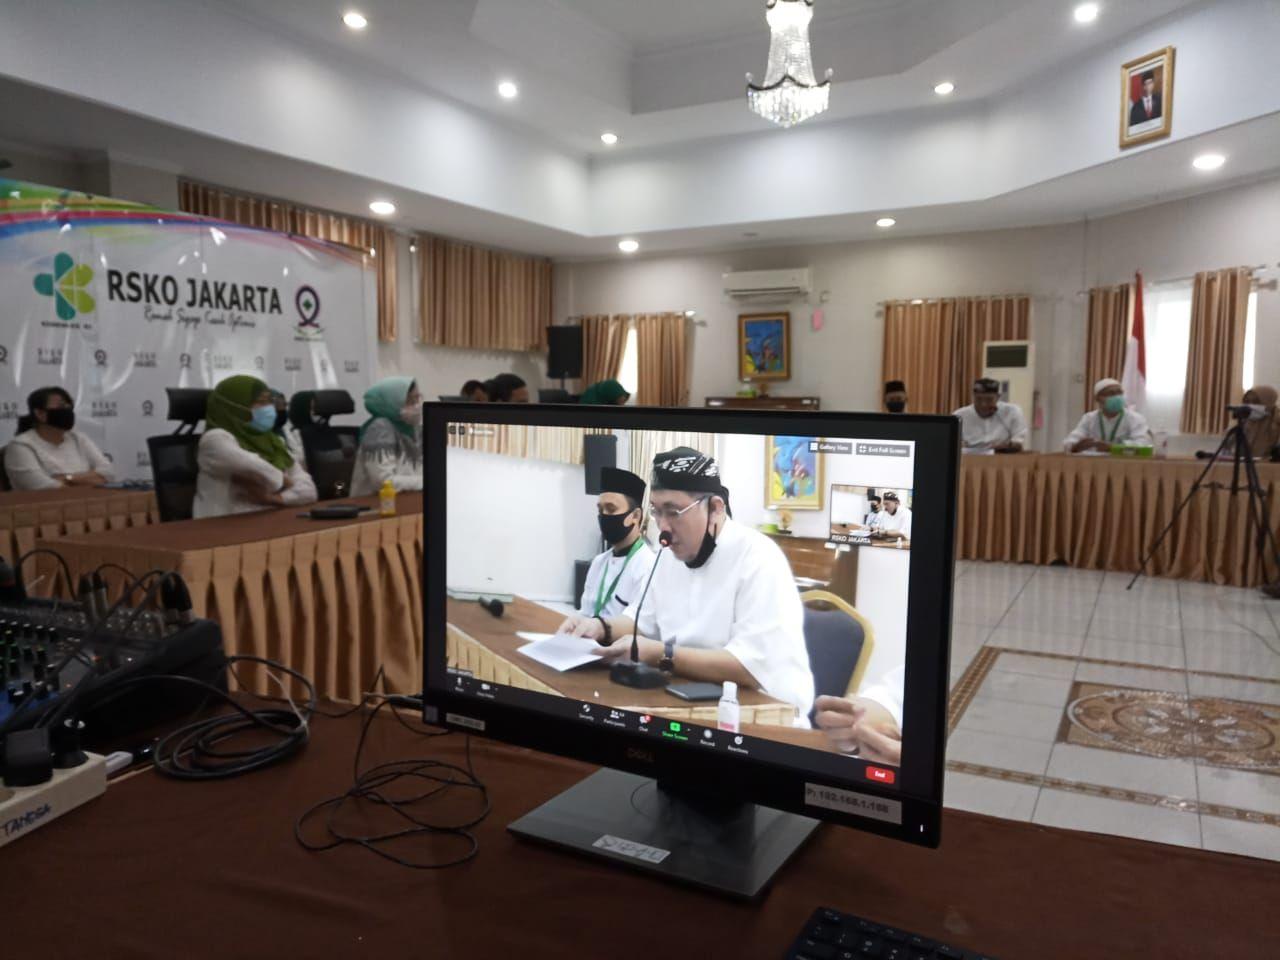 Deskripsi : RSKO Jakarta menyelenggarakan Halal Bi Halal Online I Sumber Foto : dokpri